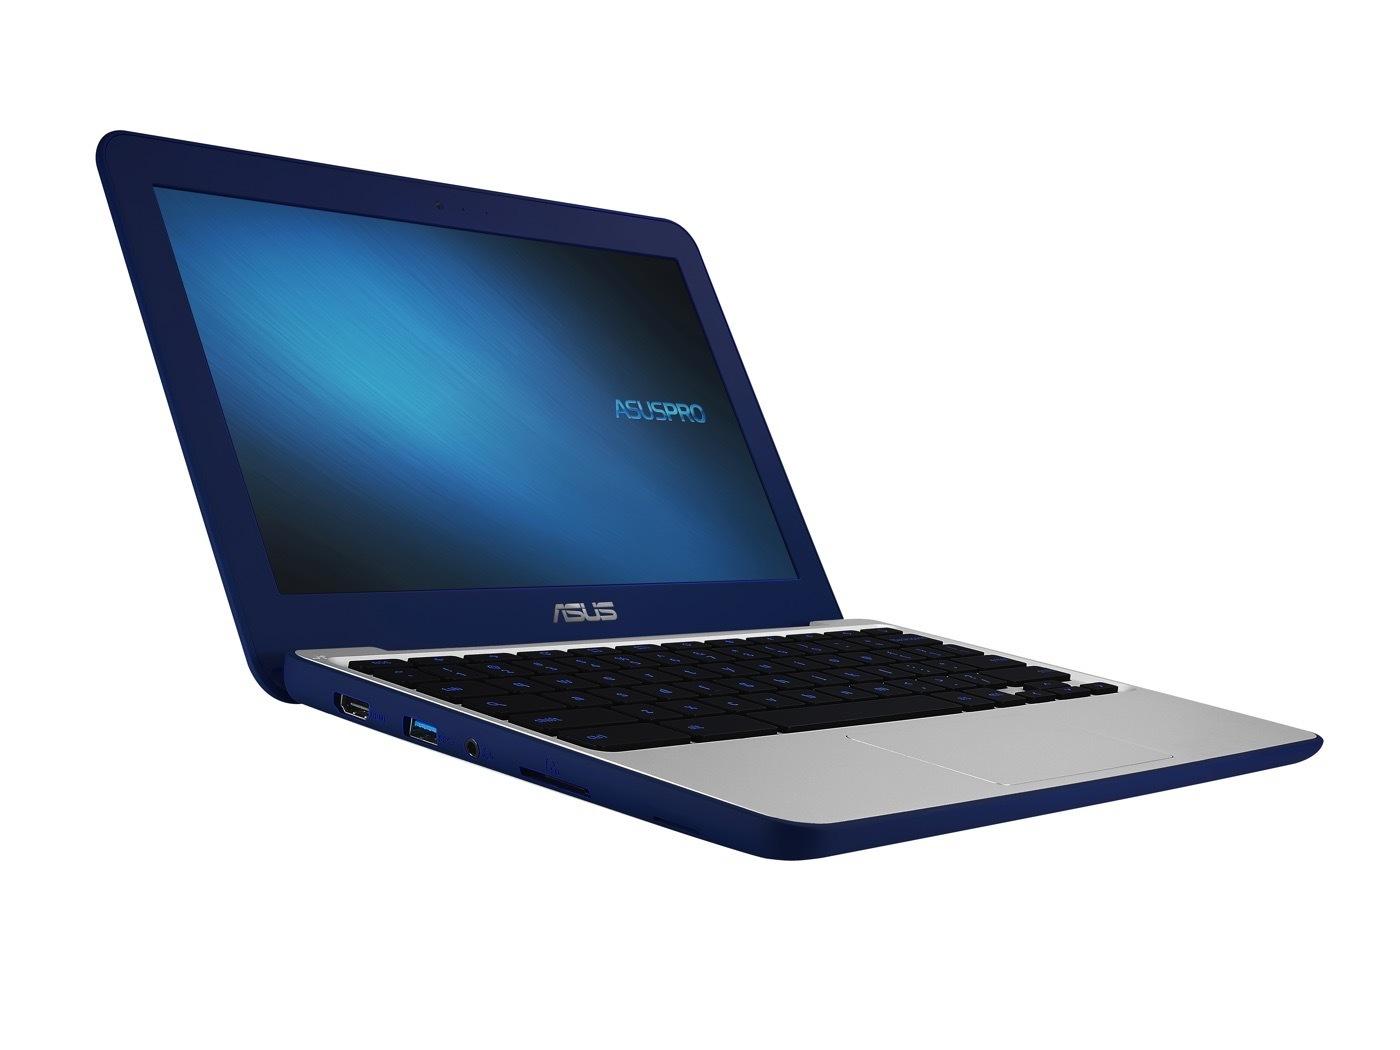 CES 2016: Школьный хромбук ASUS Chromebook C202 получил модульную конструкцию